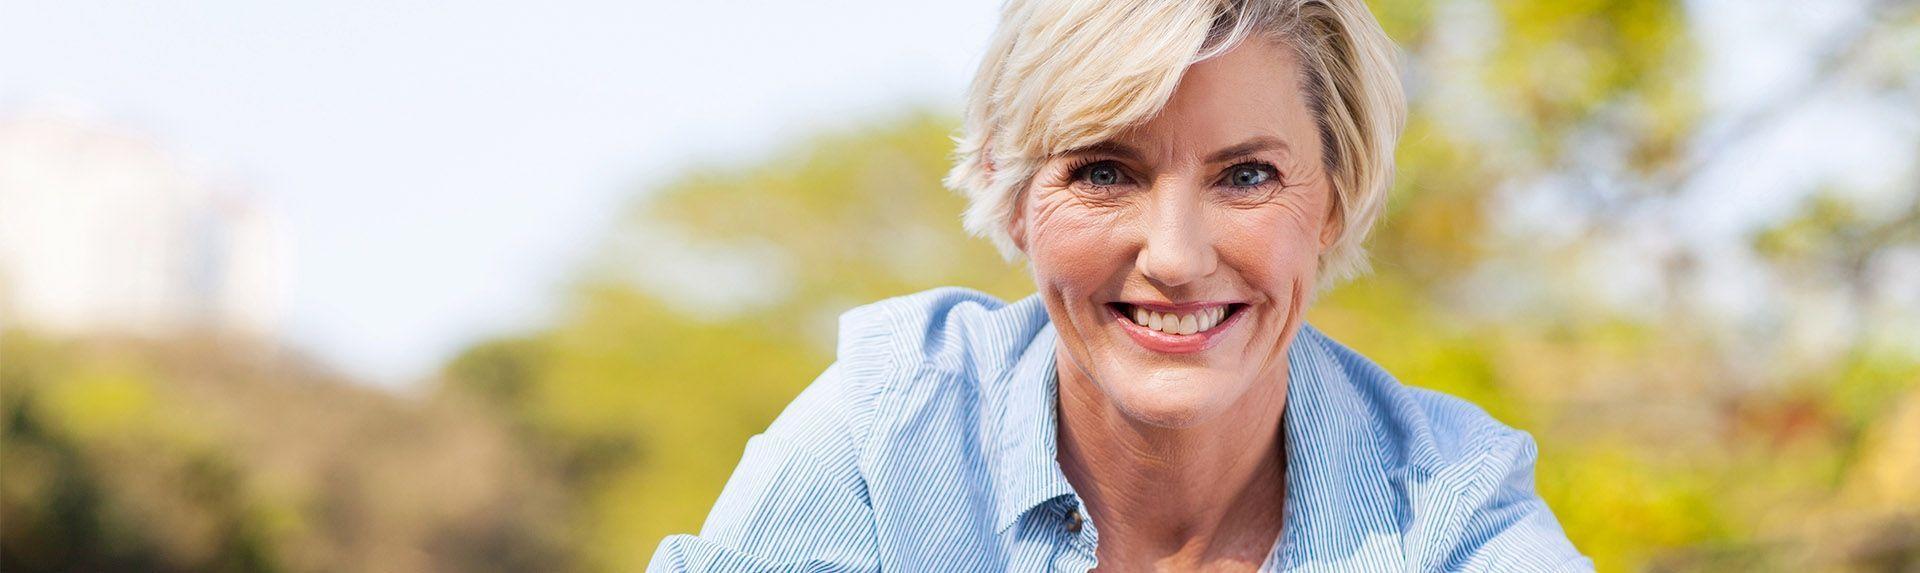 Климакс счастью не помеха. 10 правил для жизни с удовольствием